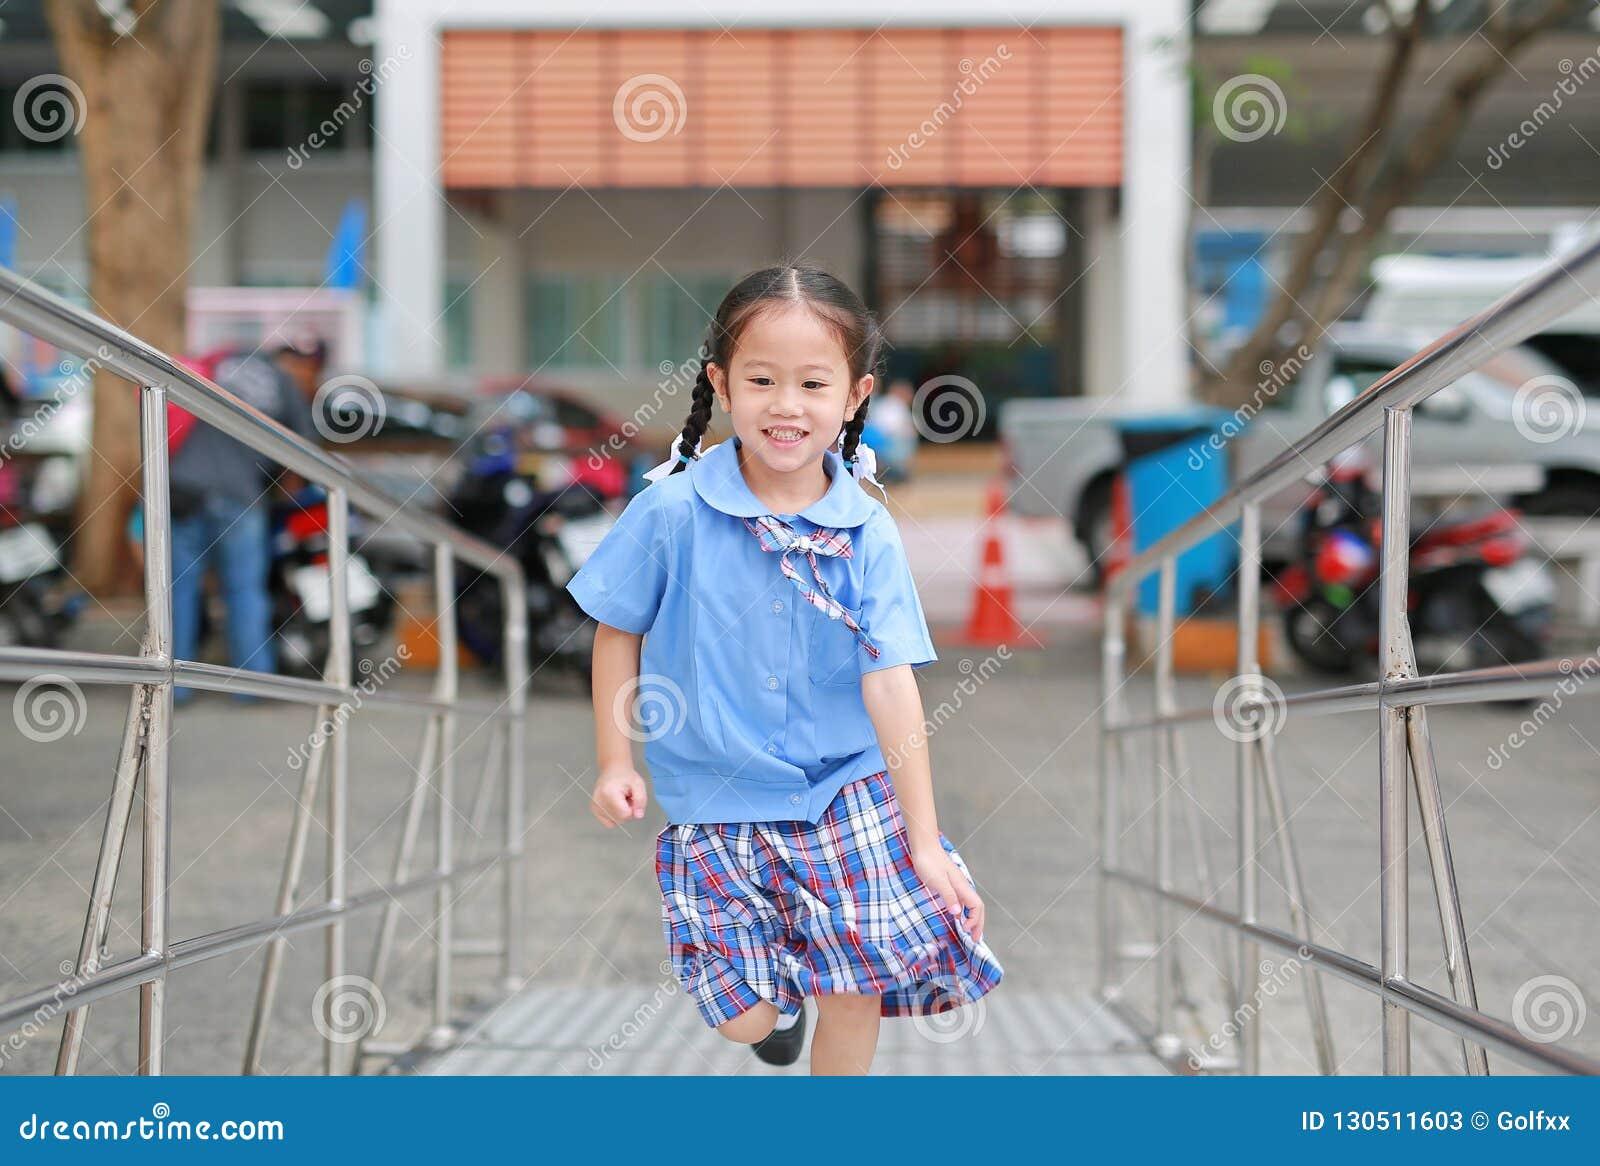 Leuk weinig Aziatisch kindmeisje in school eenvormige het lanceren metaaltrede